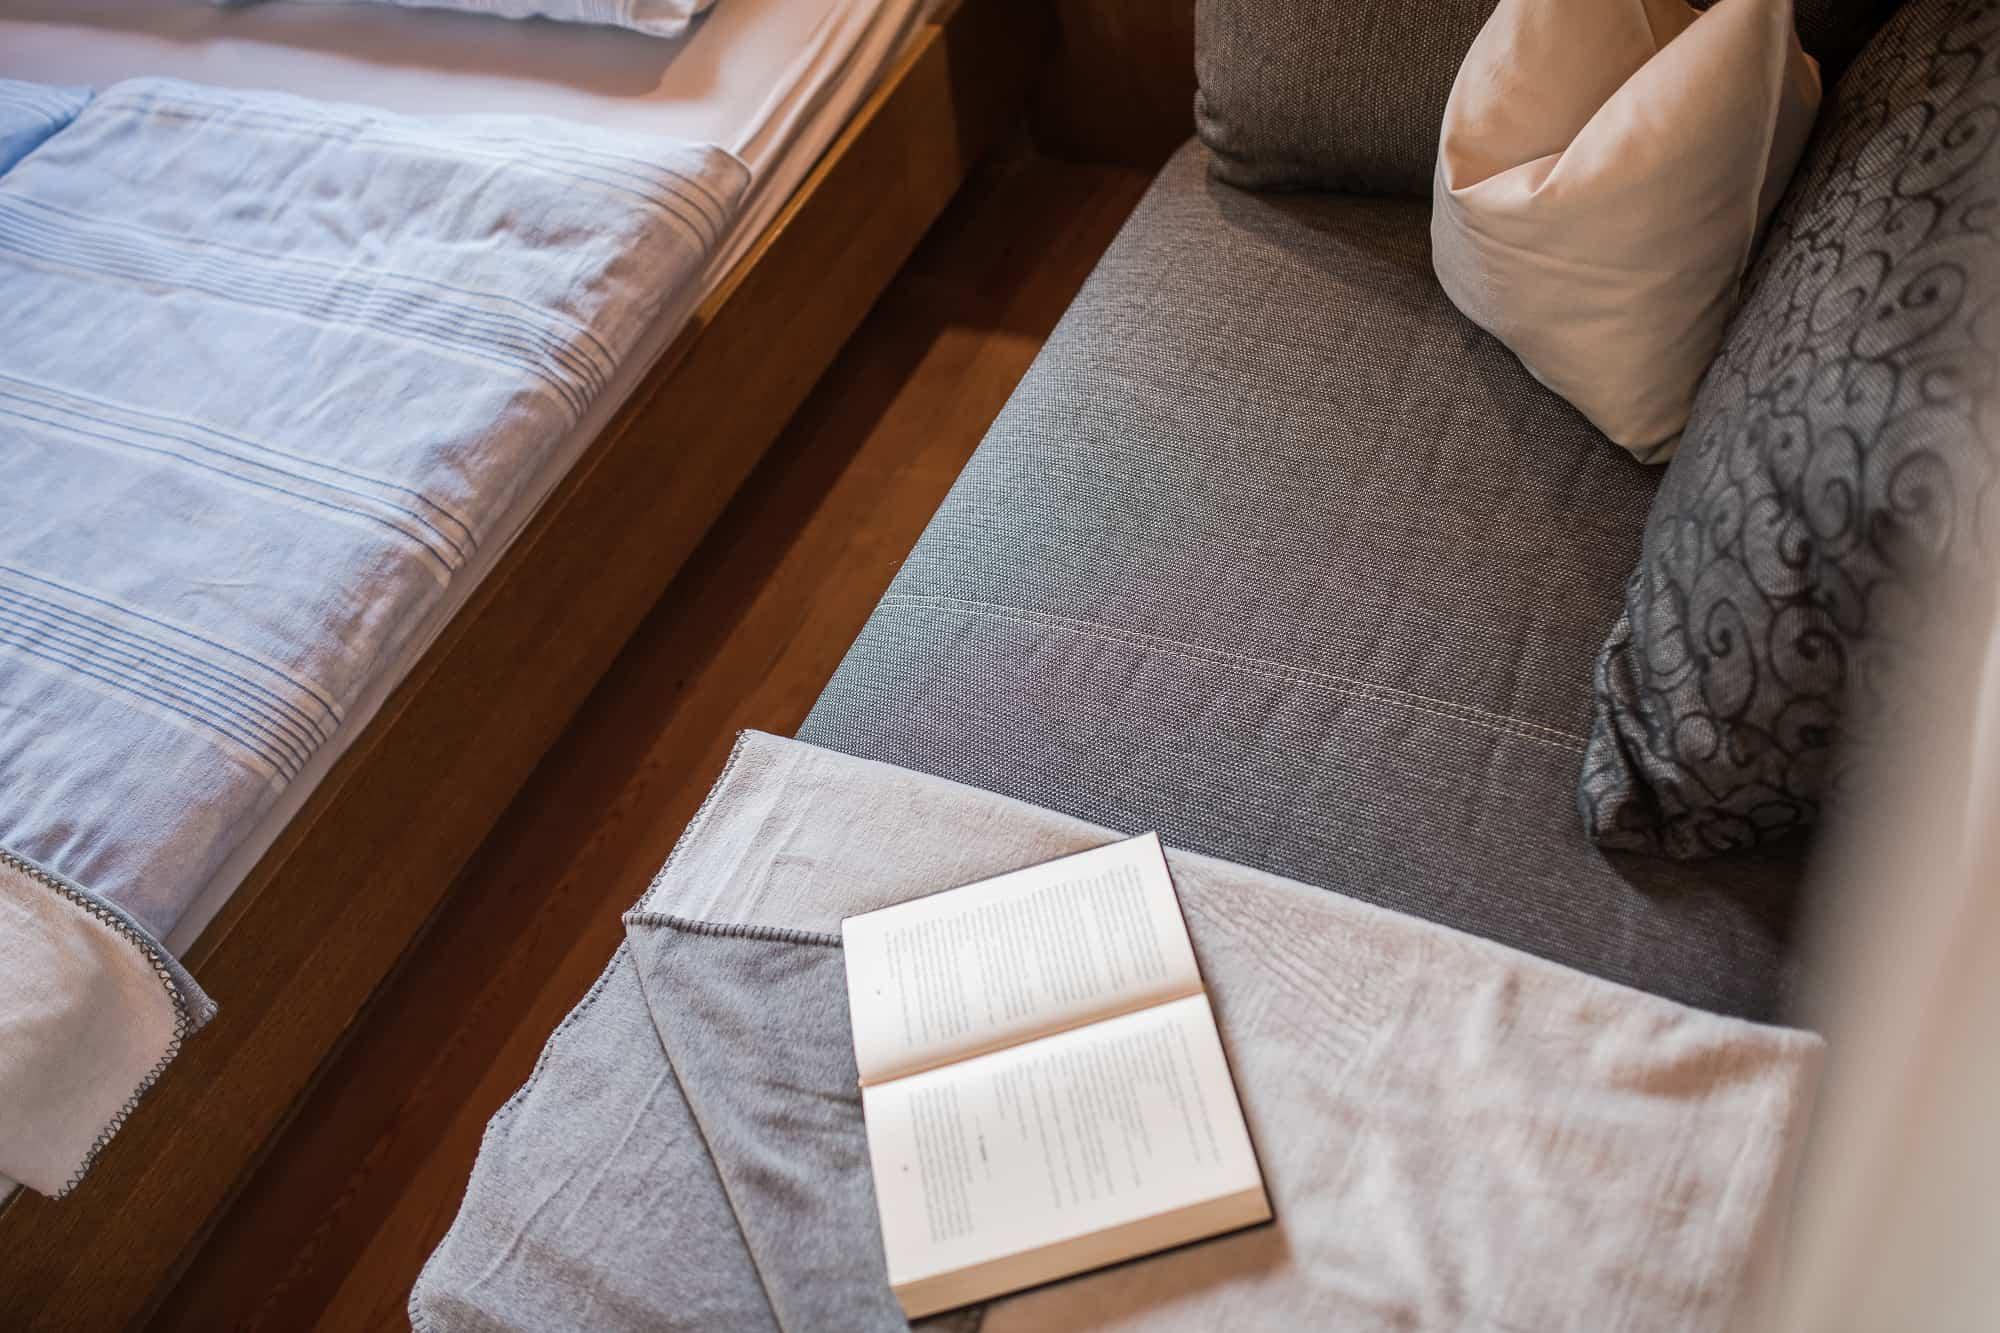 Eine ruhige Leseecke mit interessanter Lektüre